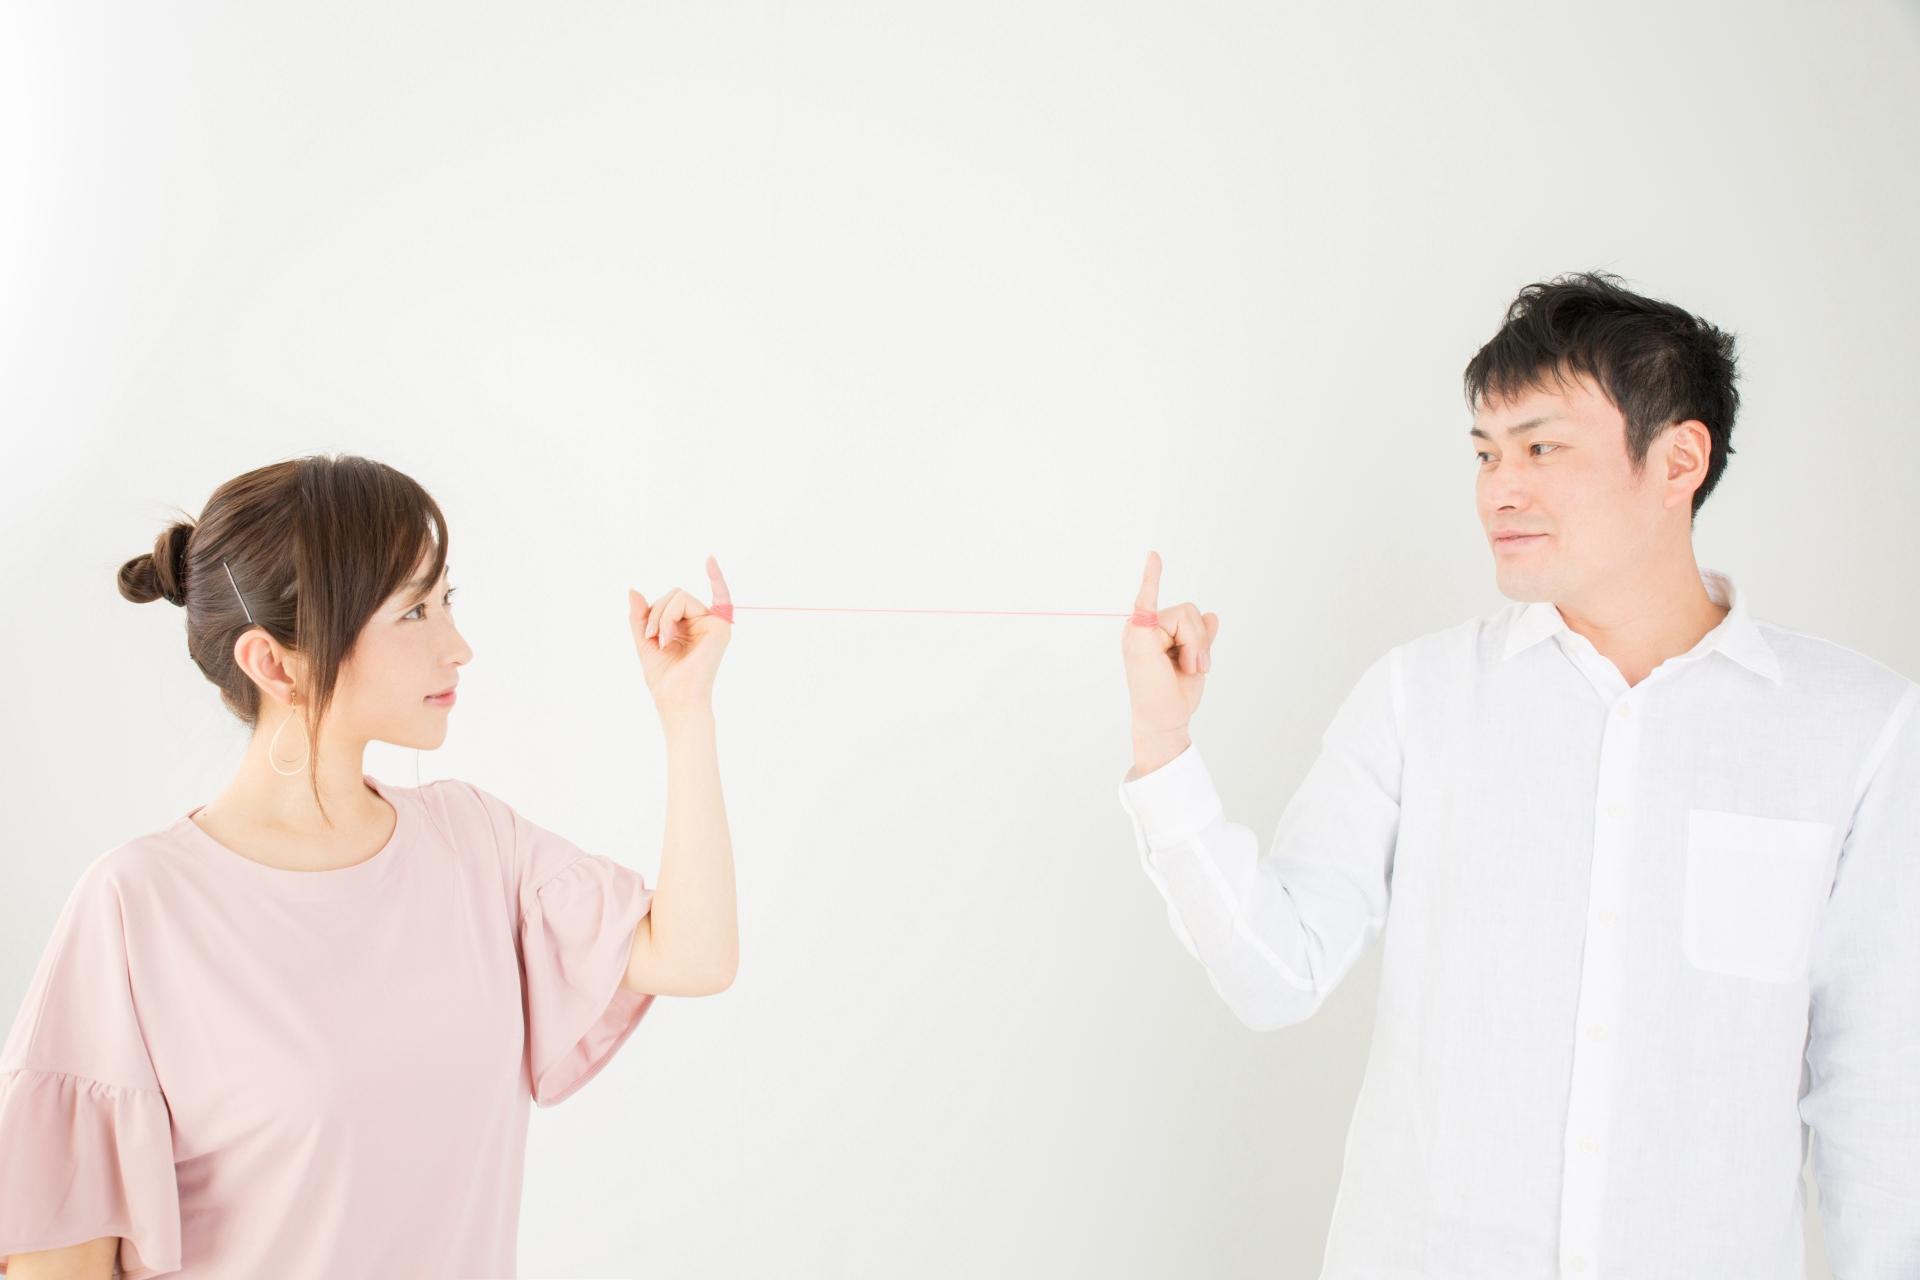 婚活サイトと結婚相談所って何が違うの?それぞれの特徴を比較